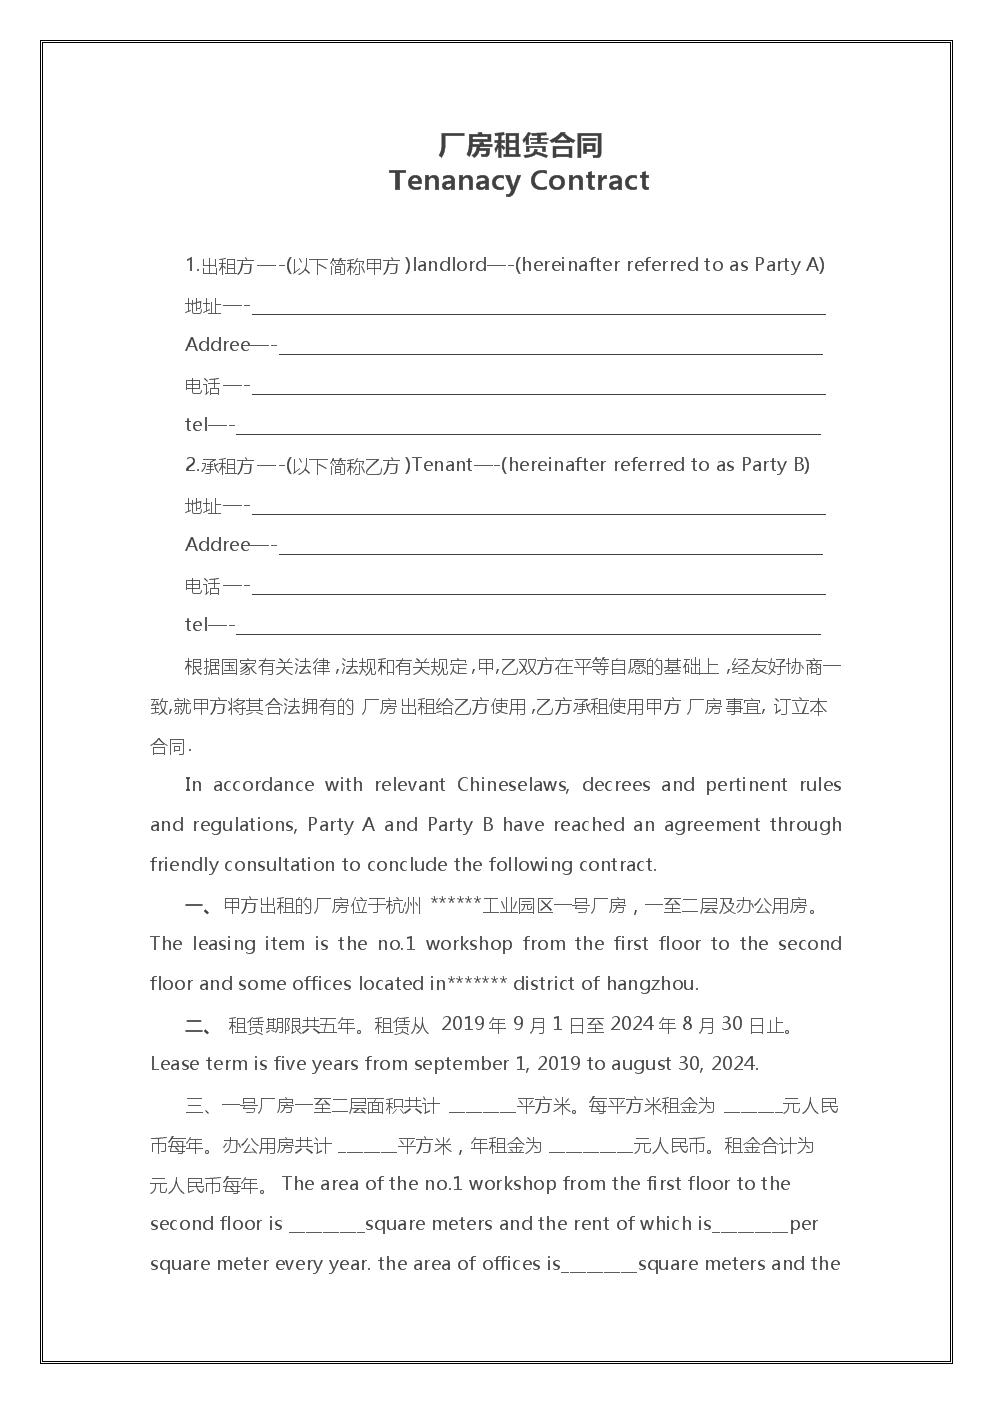 中英文对照厂房租赁合同.docx